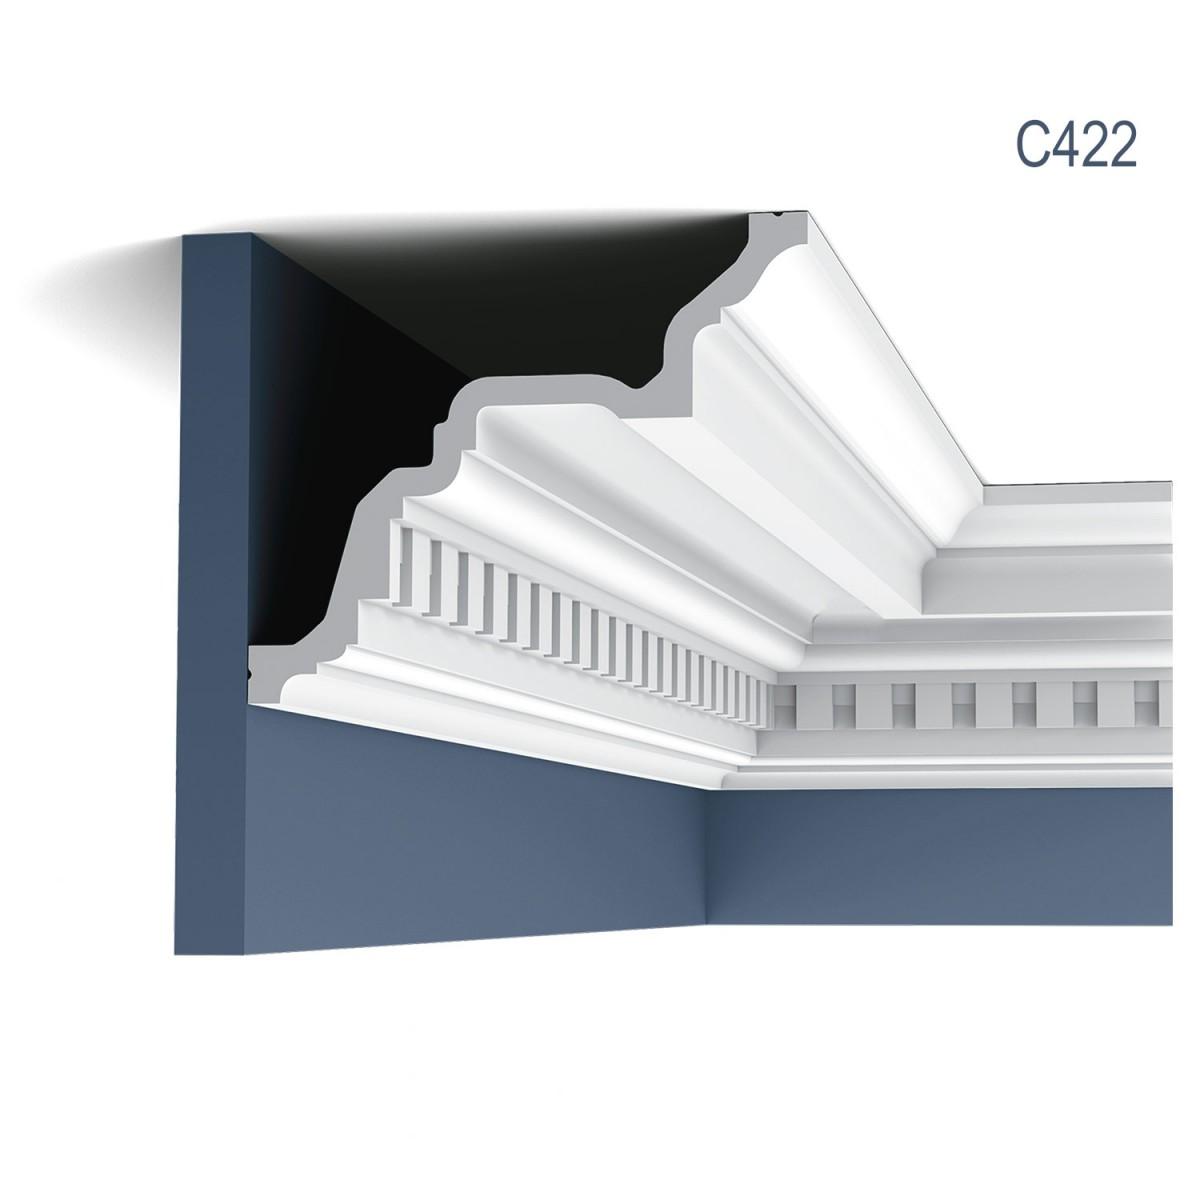 Cornisa Luxxus C422, Dimensiuni: 200 X 17 X 19.9 cm, Orac Decor